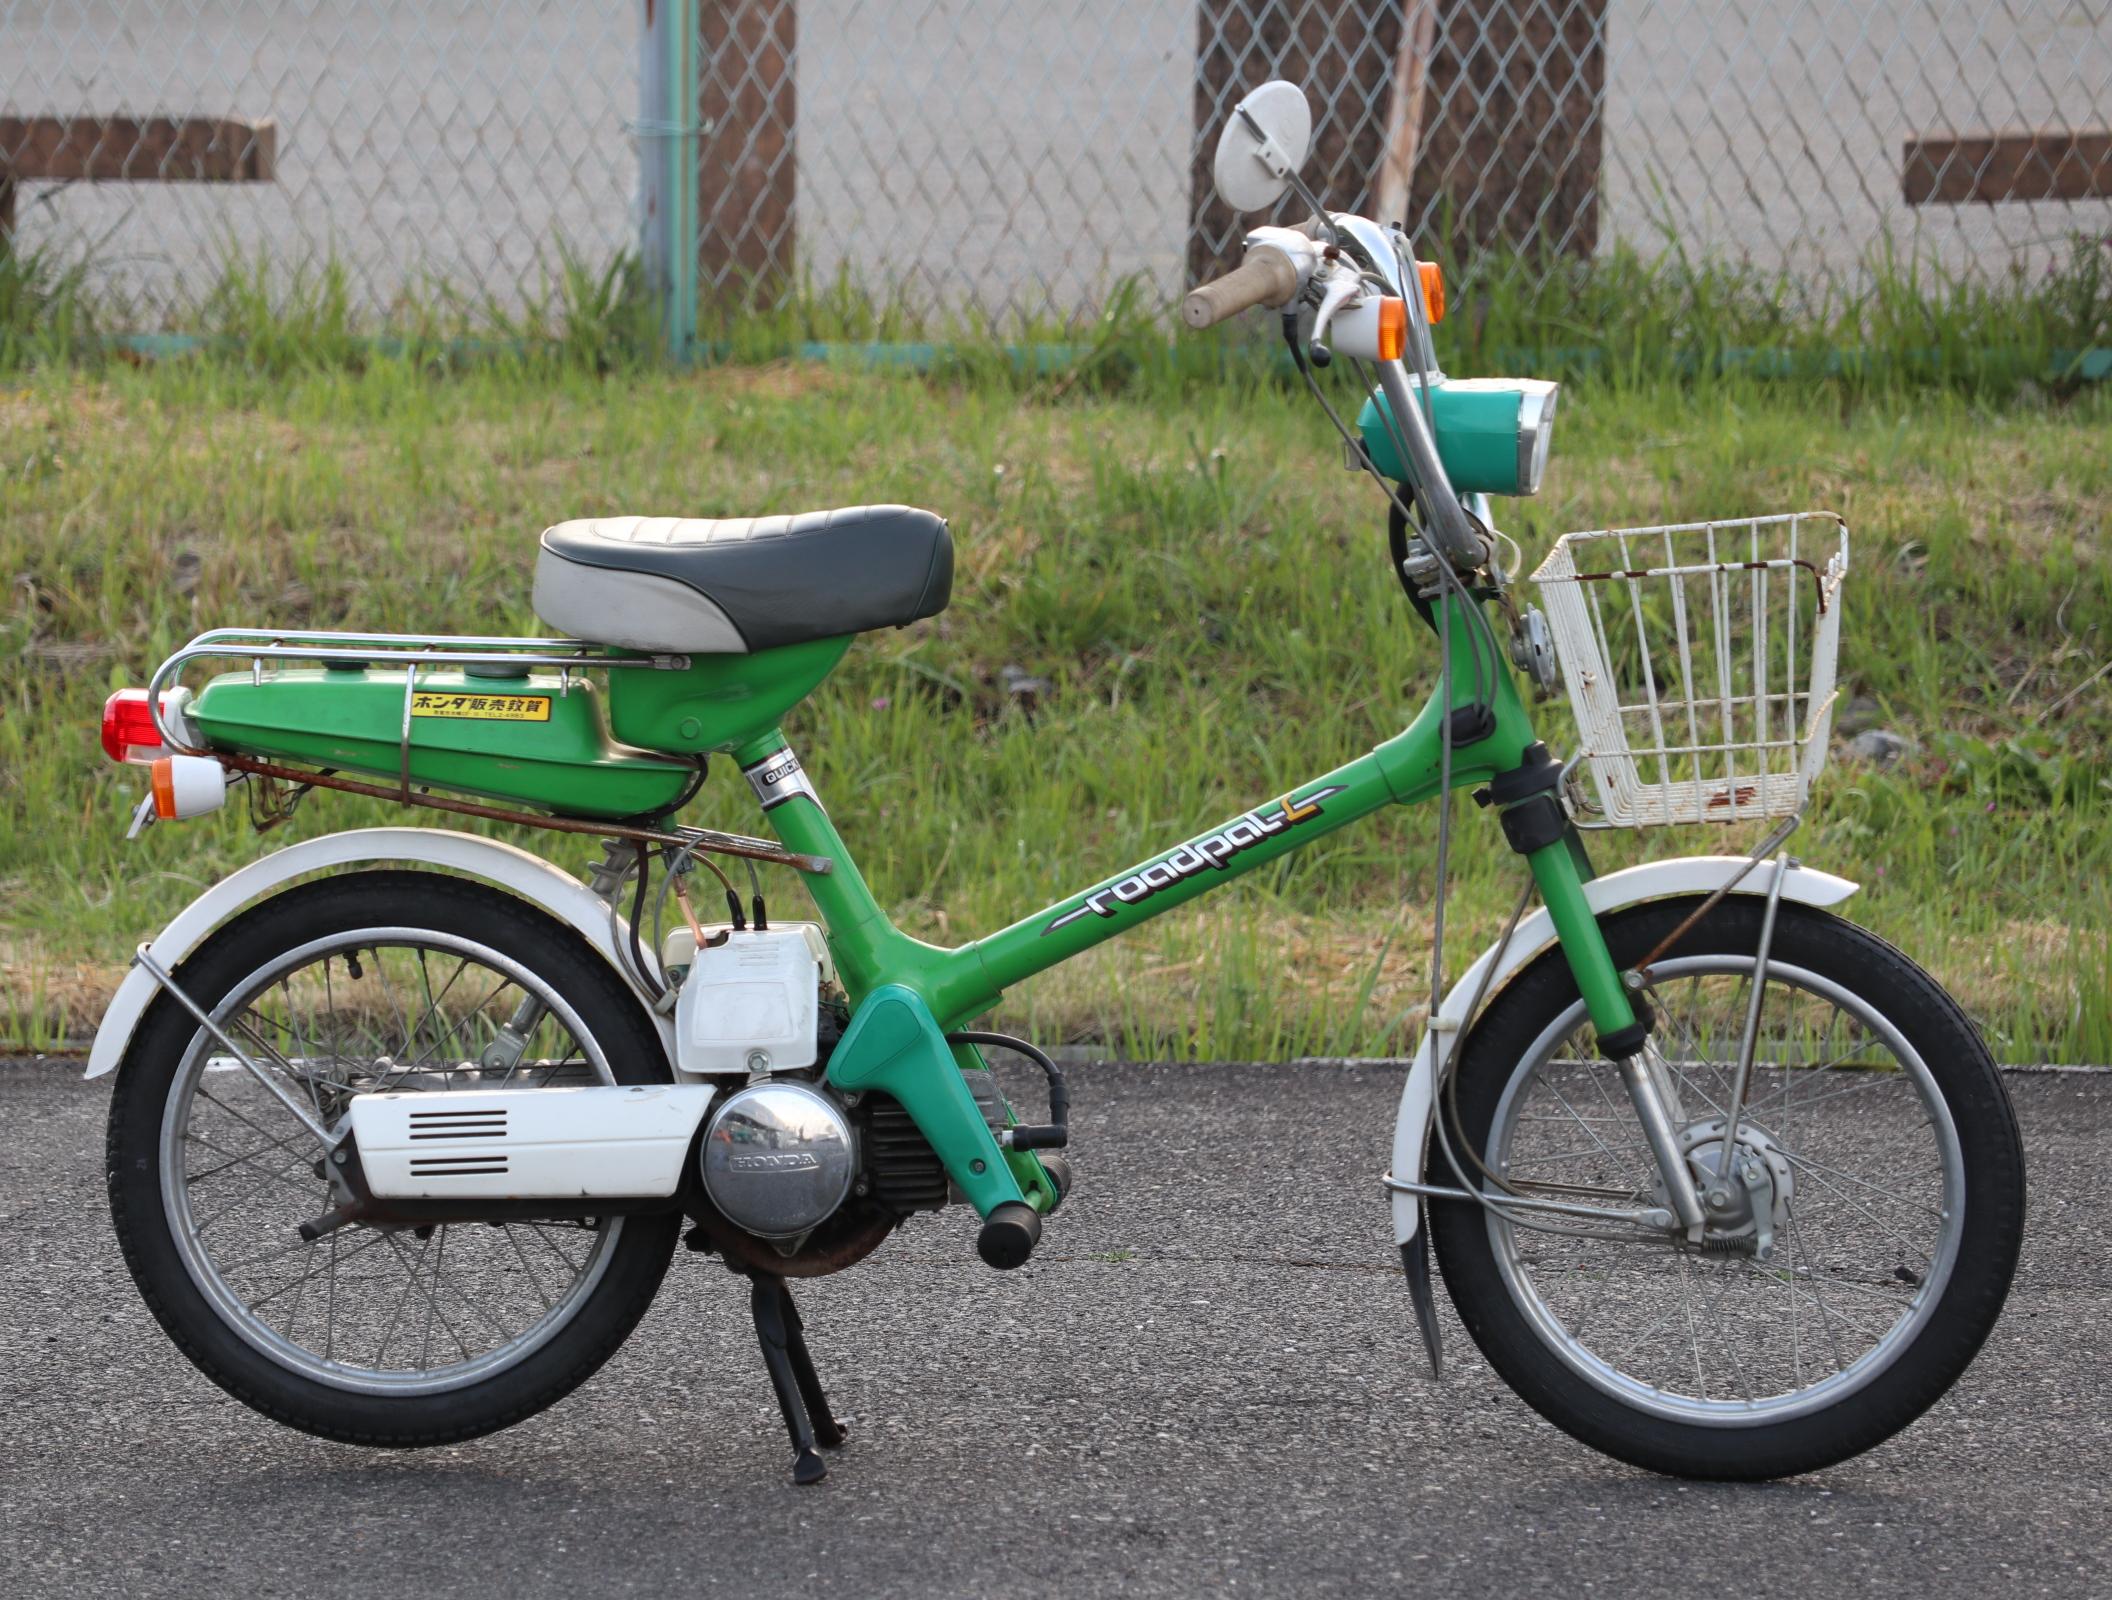 ホンダ ロードパルL 緑